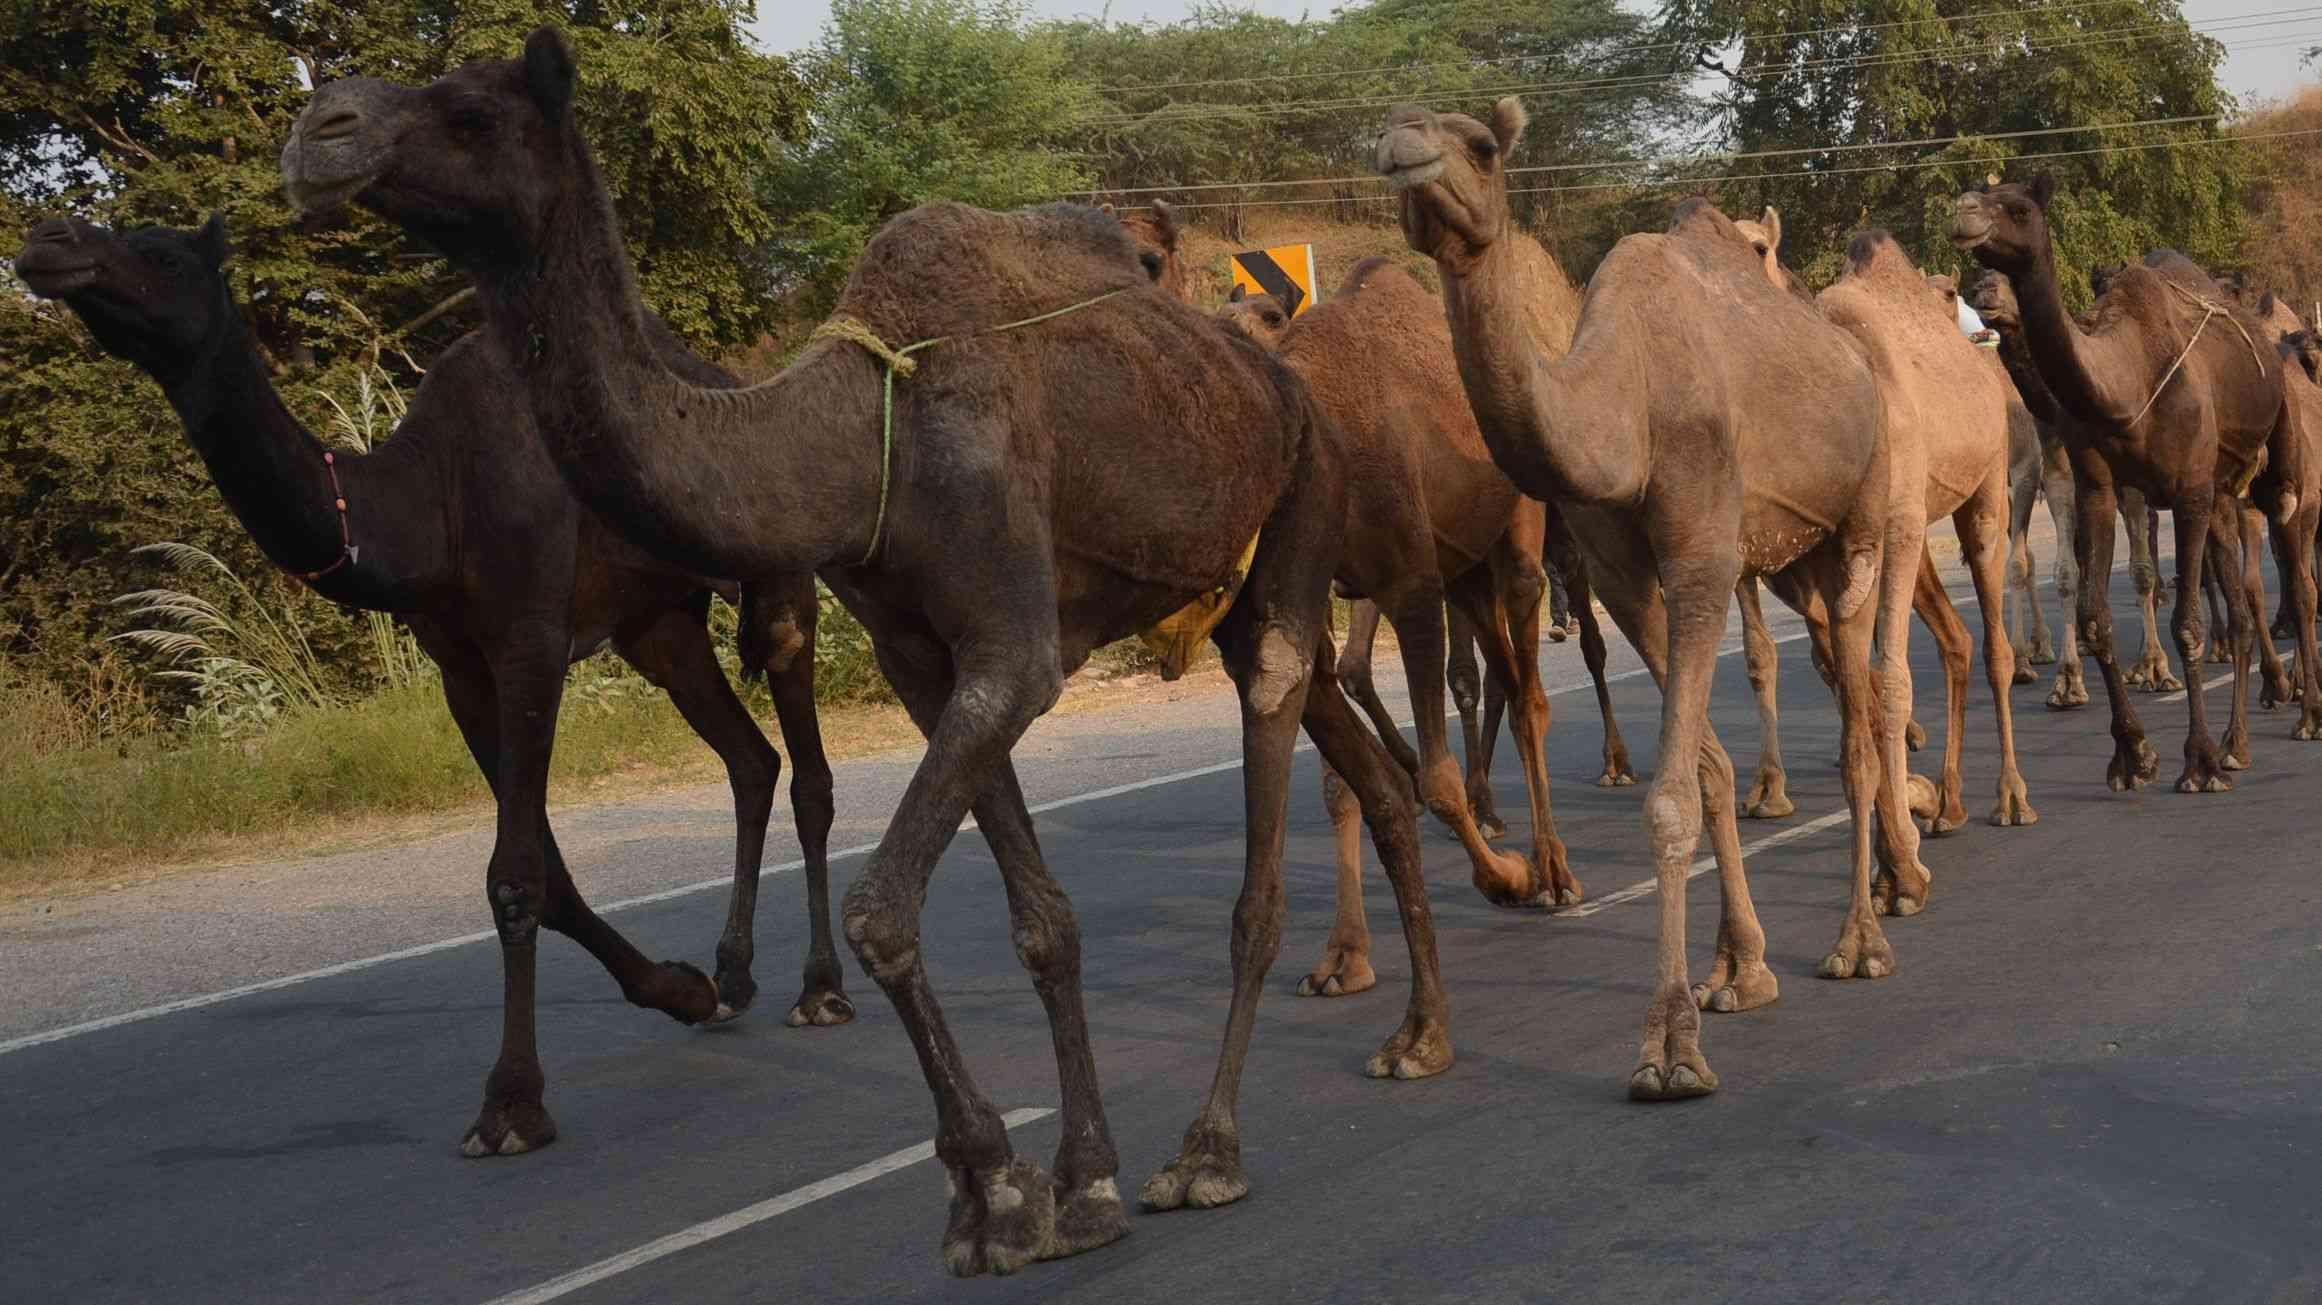 camels group walks on road in alwar